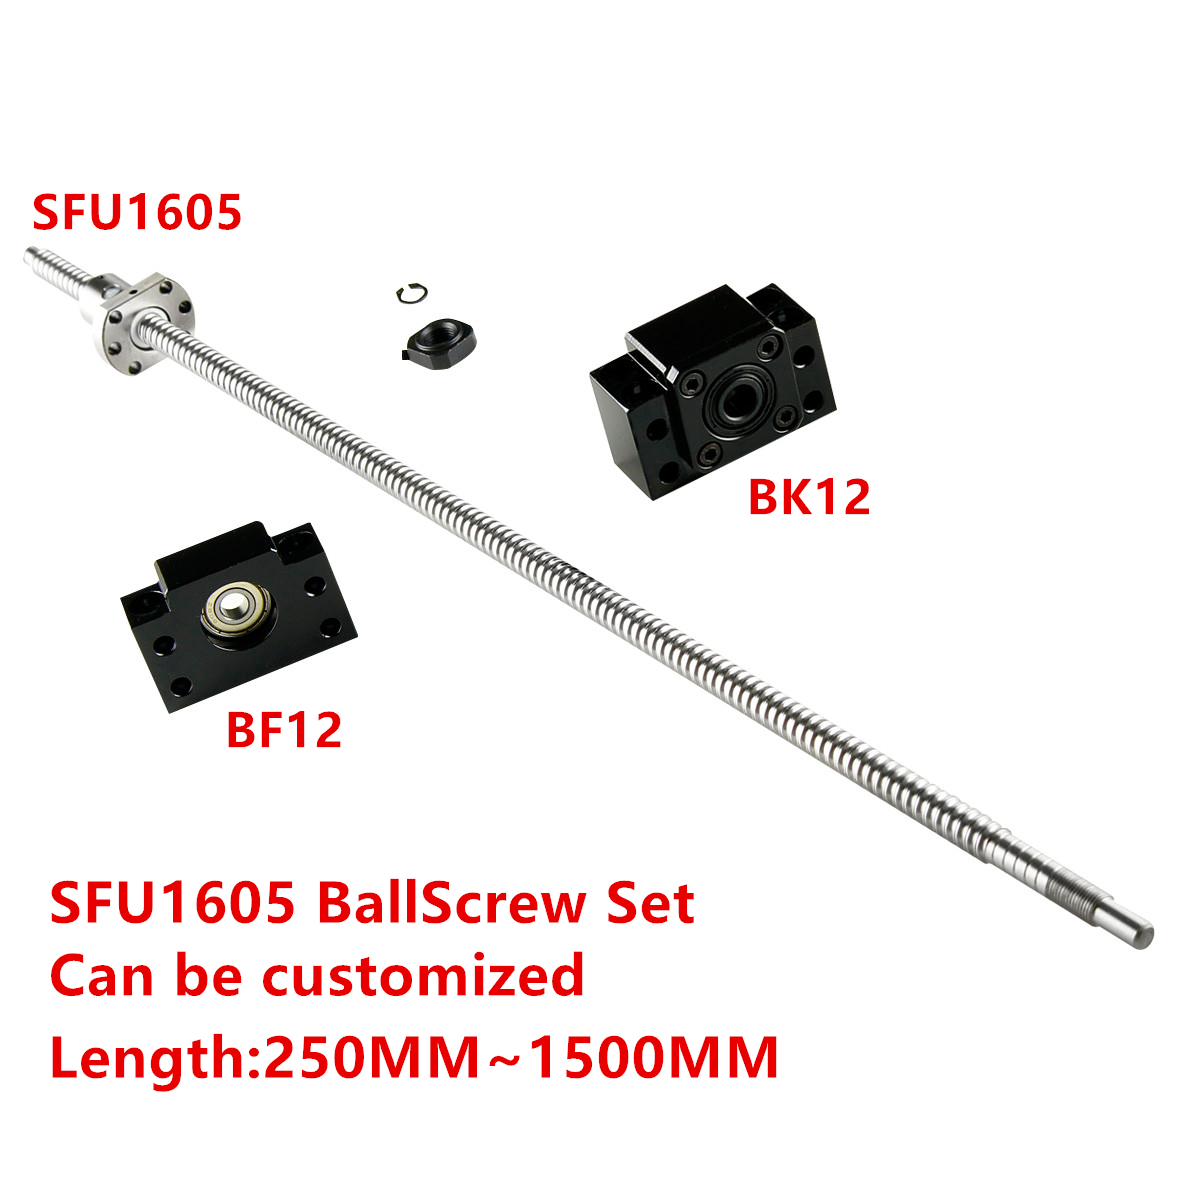 Vis à billes SFU1605-250 300 350 400 450 500 550 600 650 700 750 900 1000 Fin machine avec BK12/BF12 Support D'extrémité Supports de Roulement